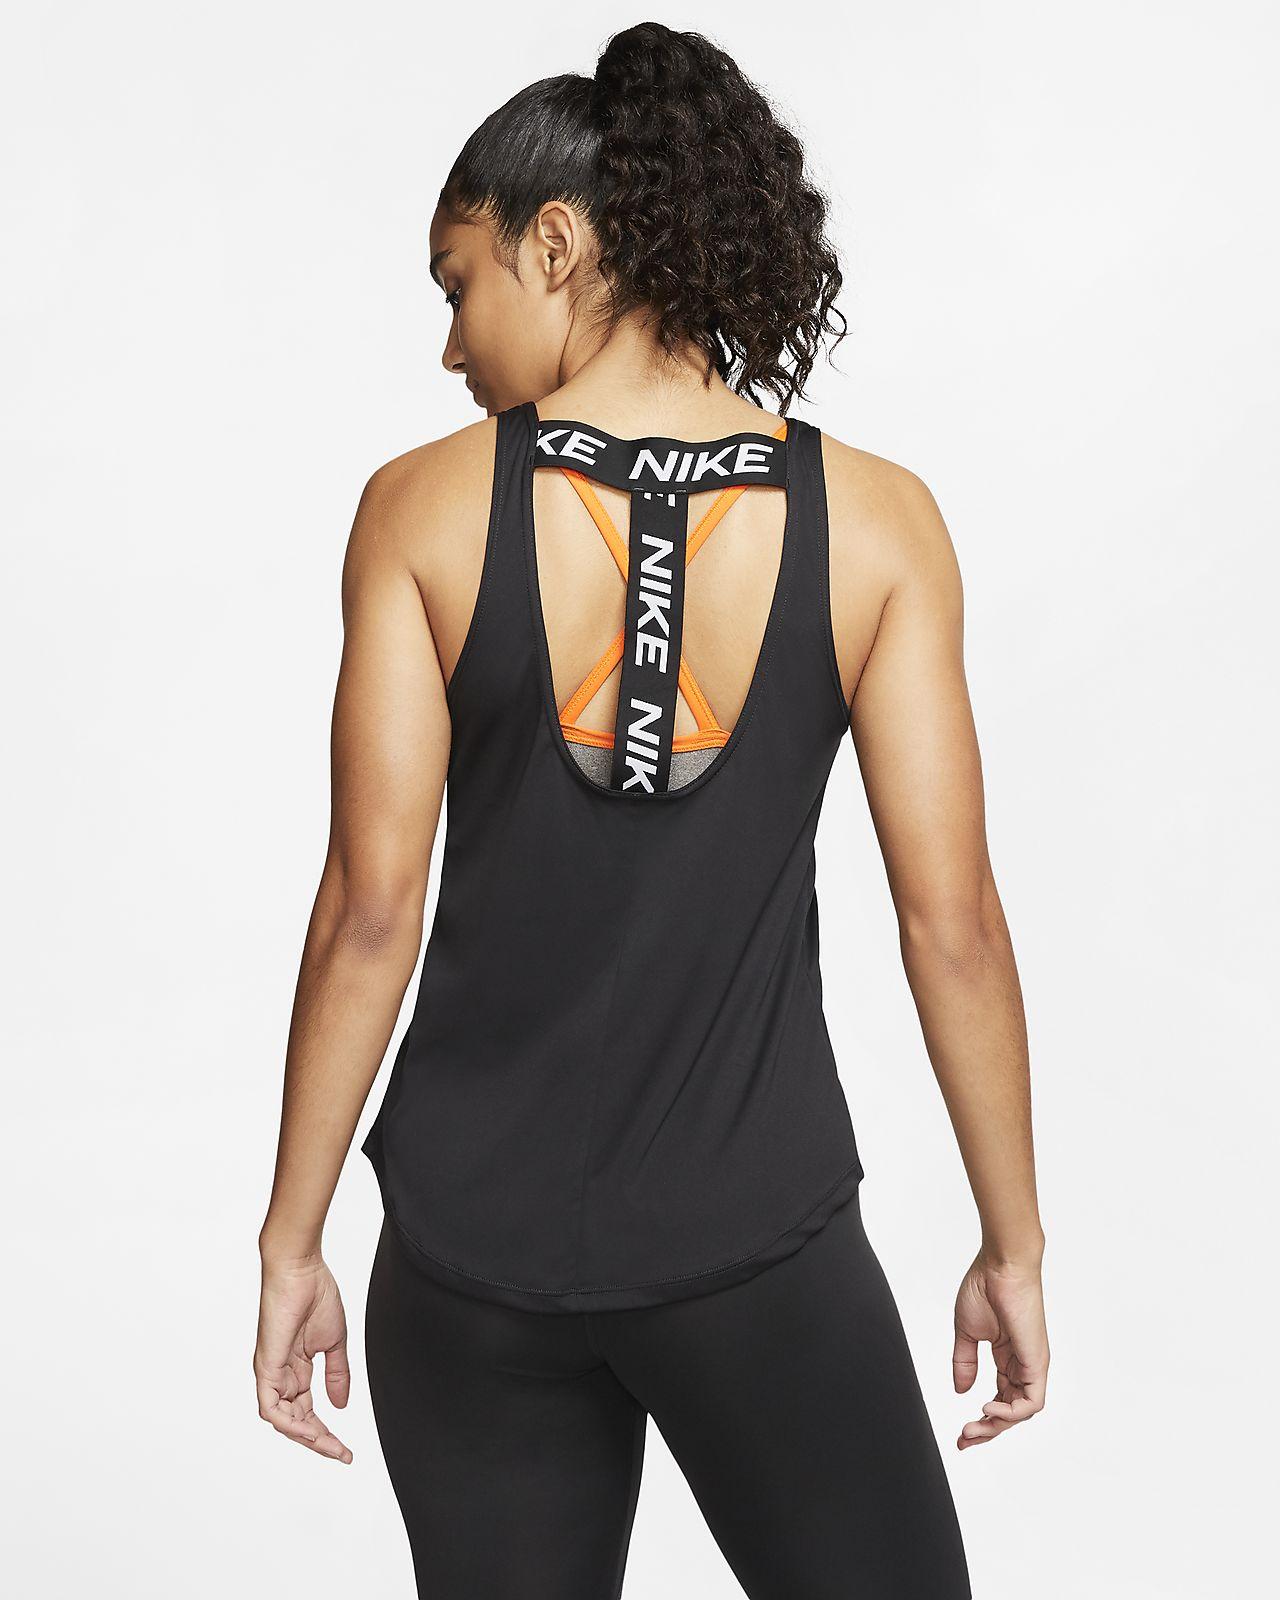 Da DONNA NERO NIKE logo Yoga Palestra T-shirt Tee shirt canotta